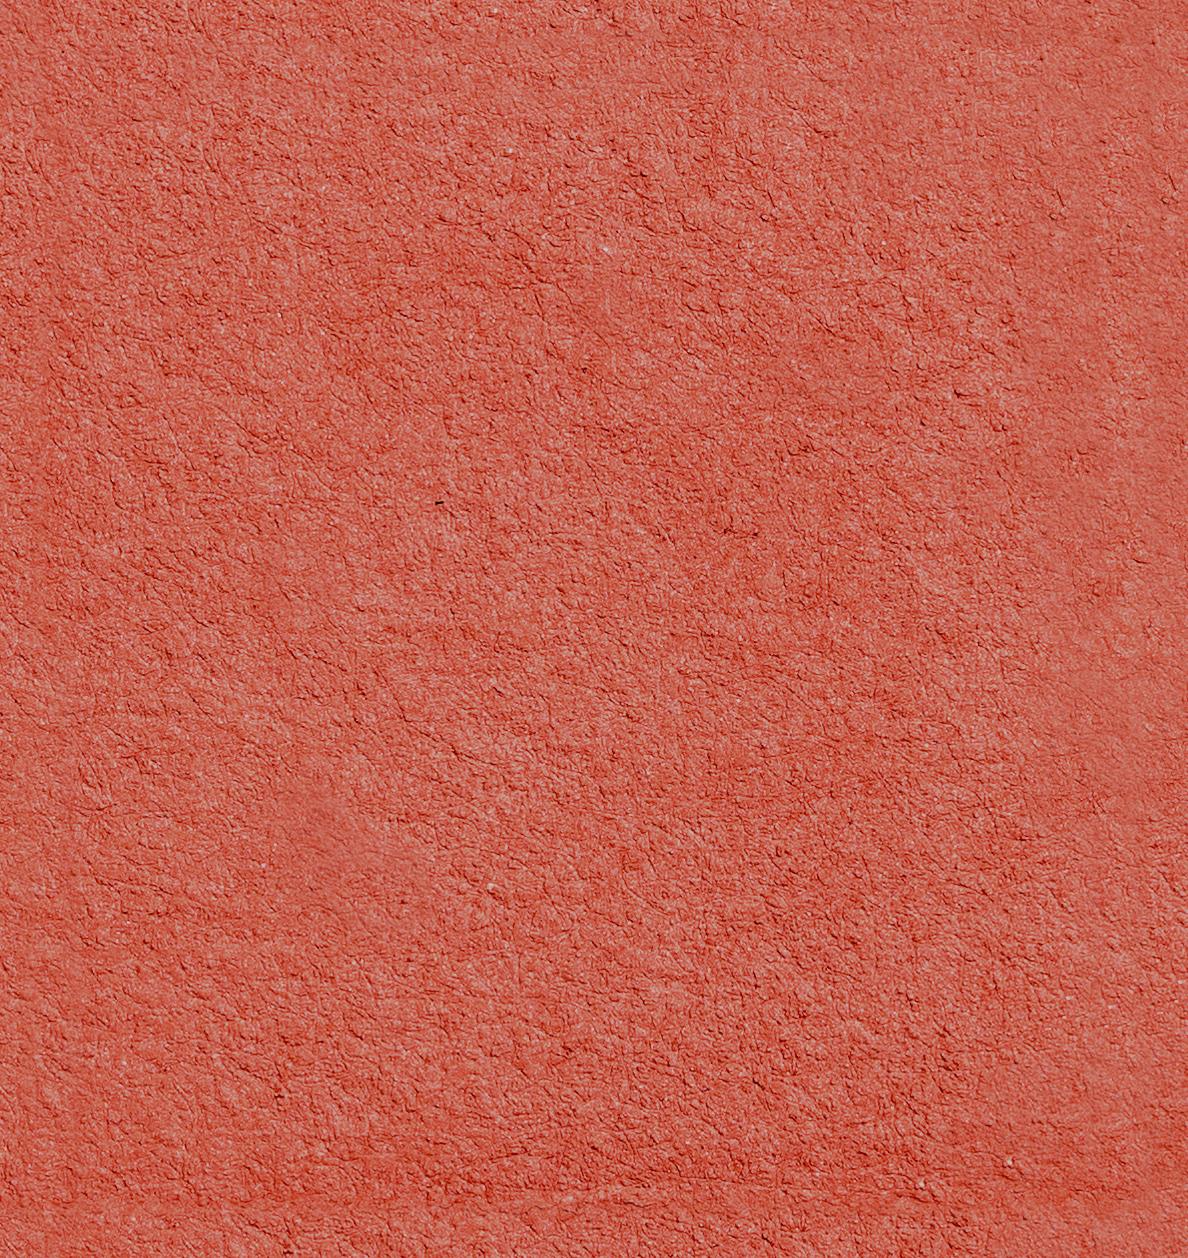 霧面MATTE -粉霧玫瑰